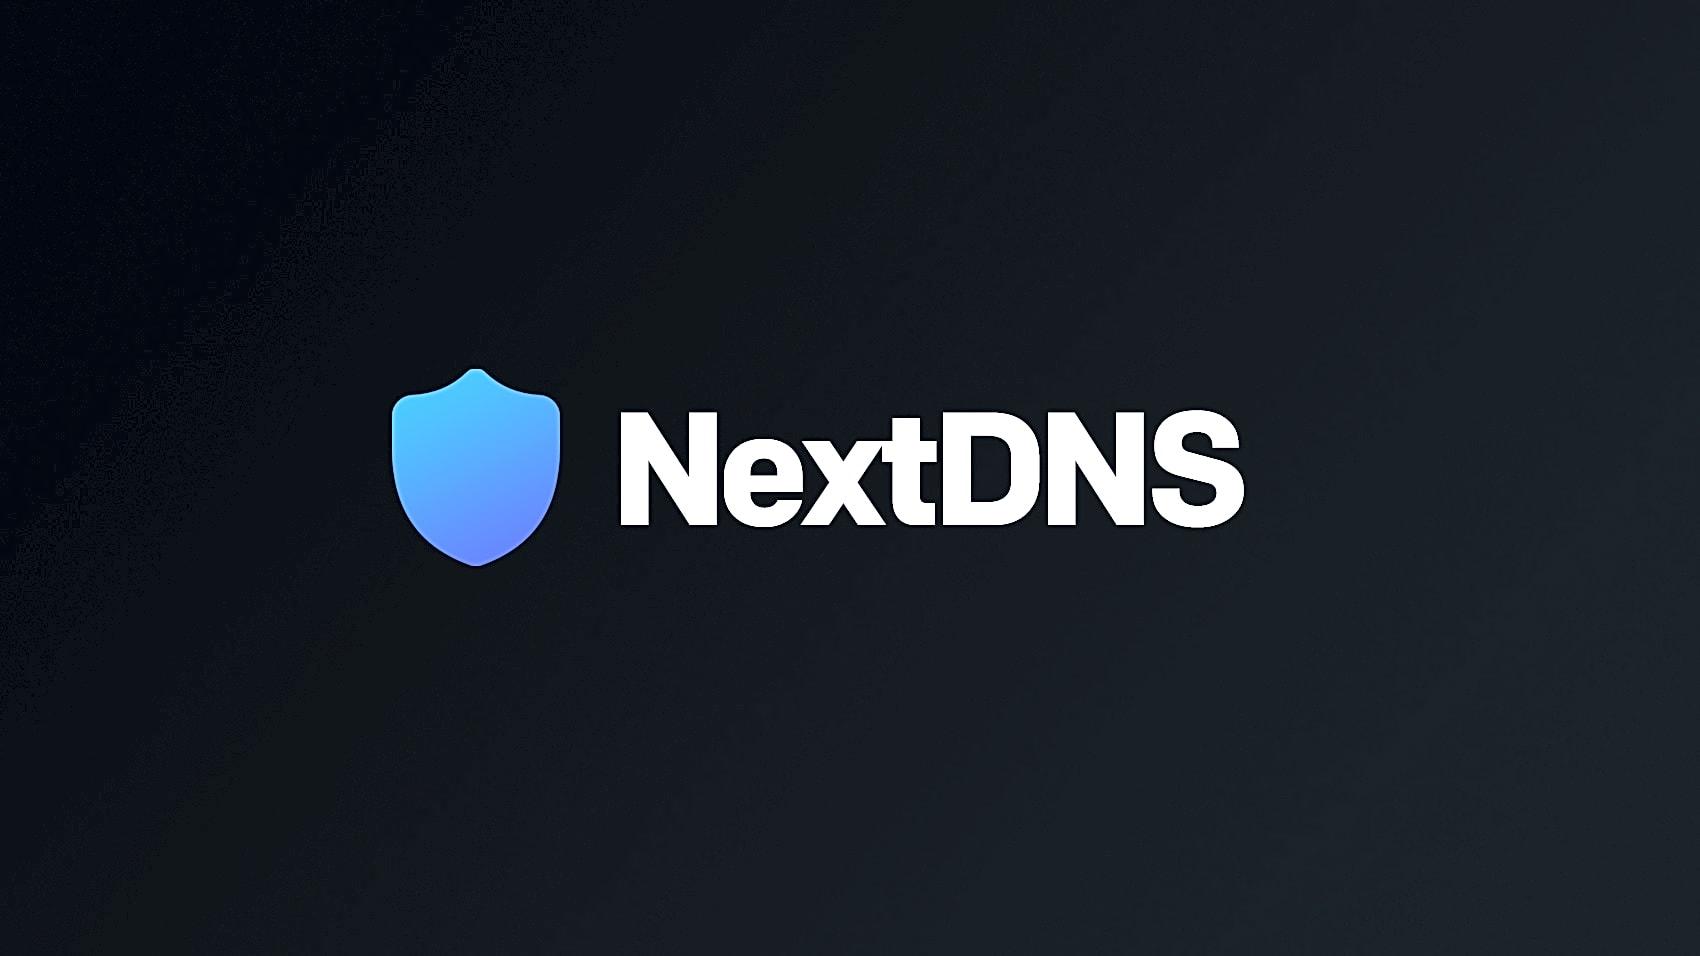 Hướng dẫn cấu hình và sử dụng NextDNS